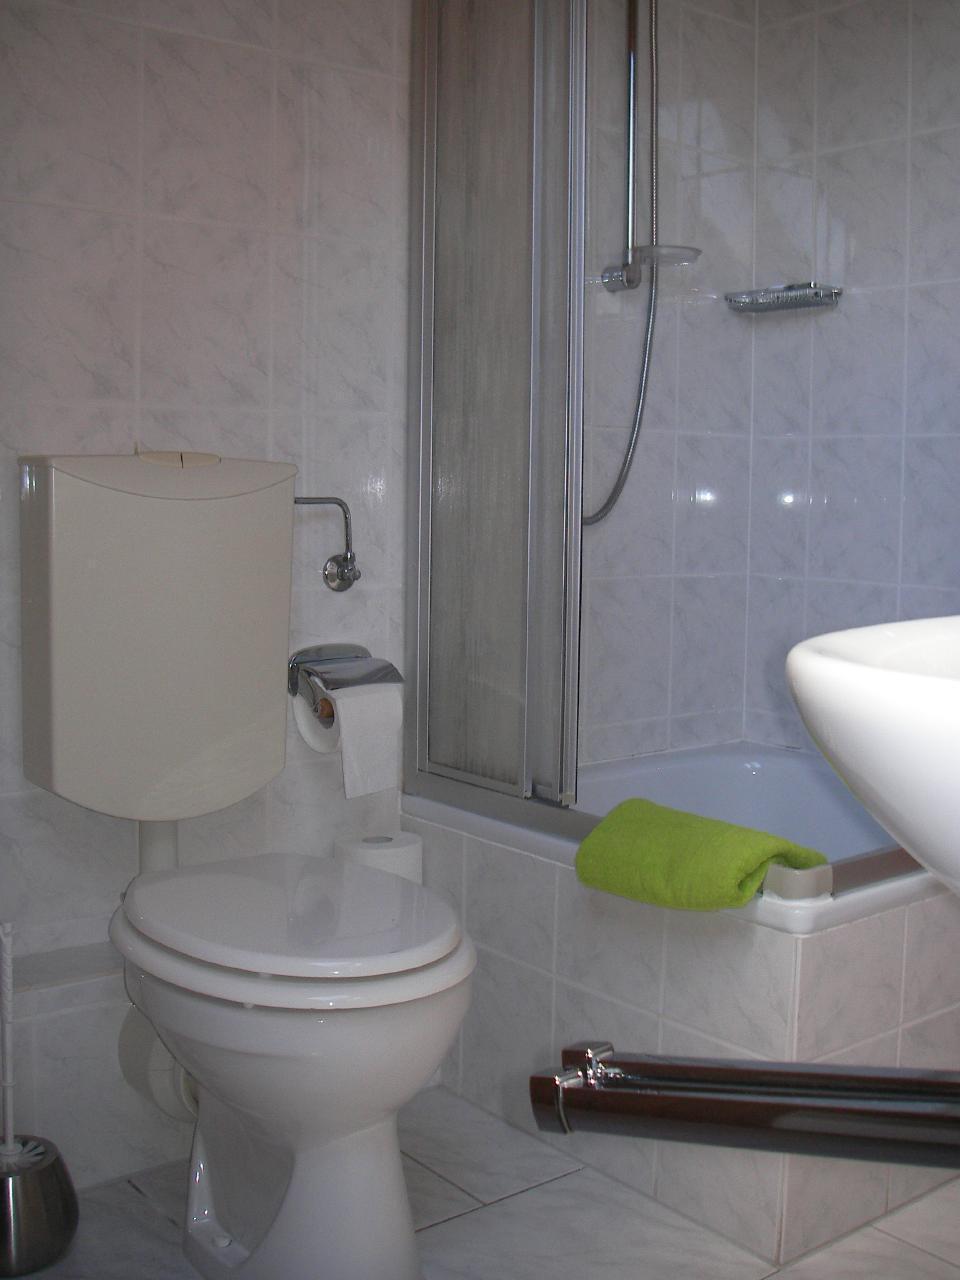 Ferienwohnung Haus Hilde Wohnung 2 (993407), Presseck, Oberfranken, Bayern, Deutschland, Bild 32